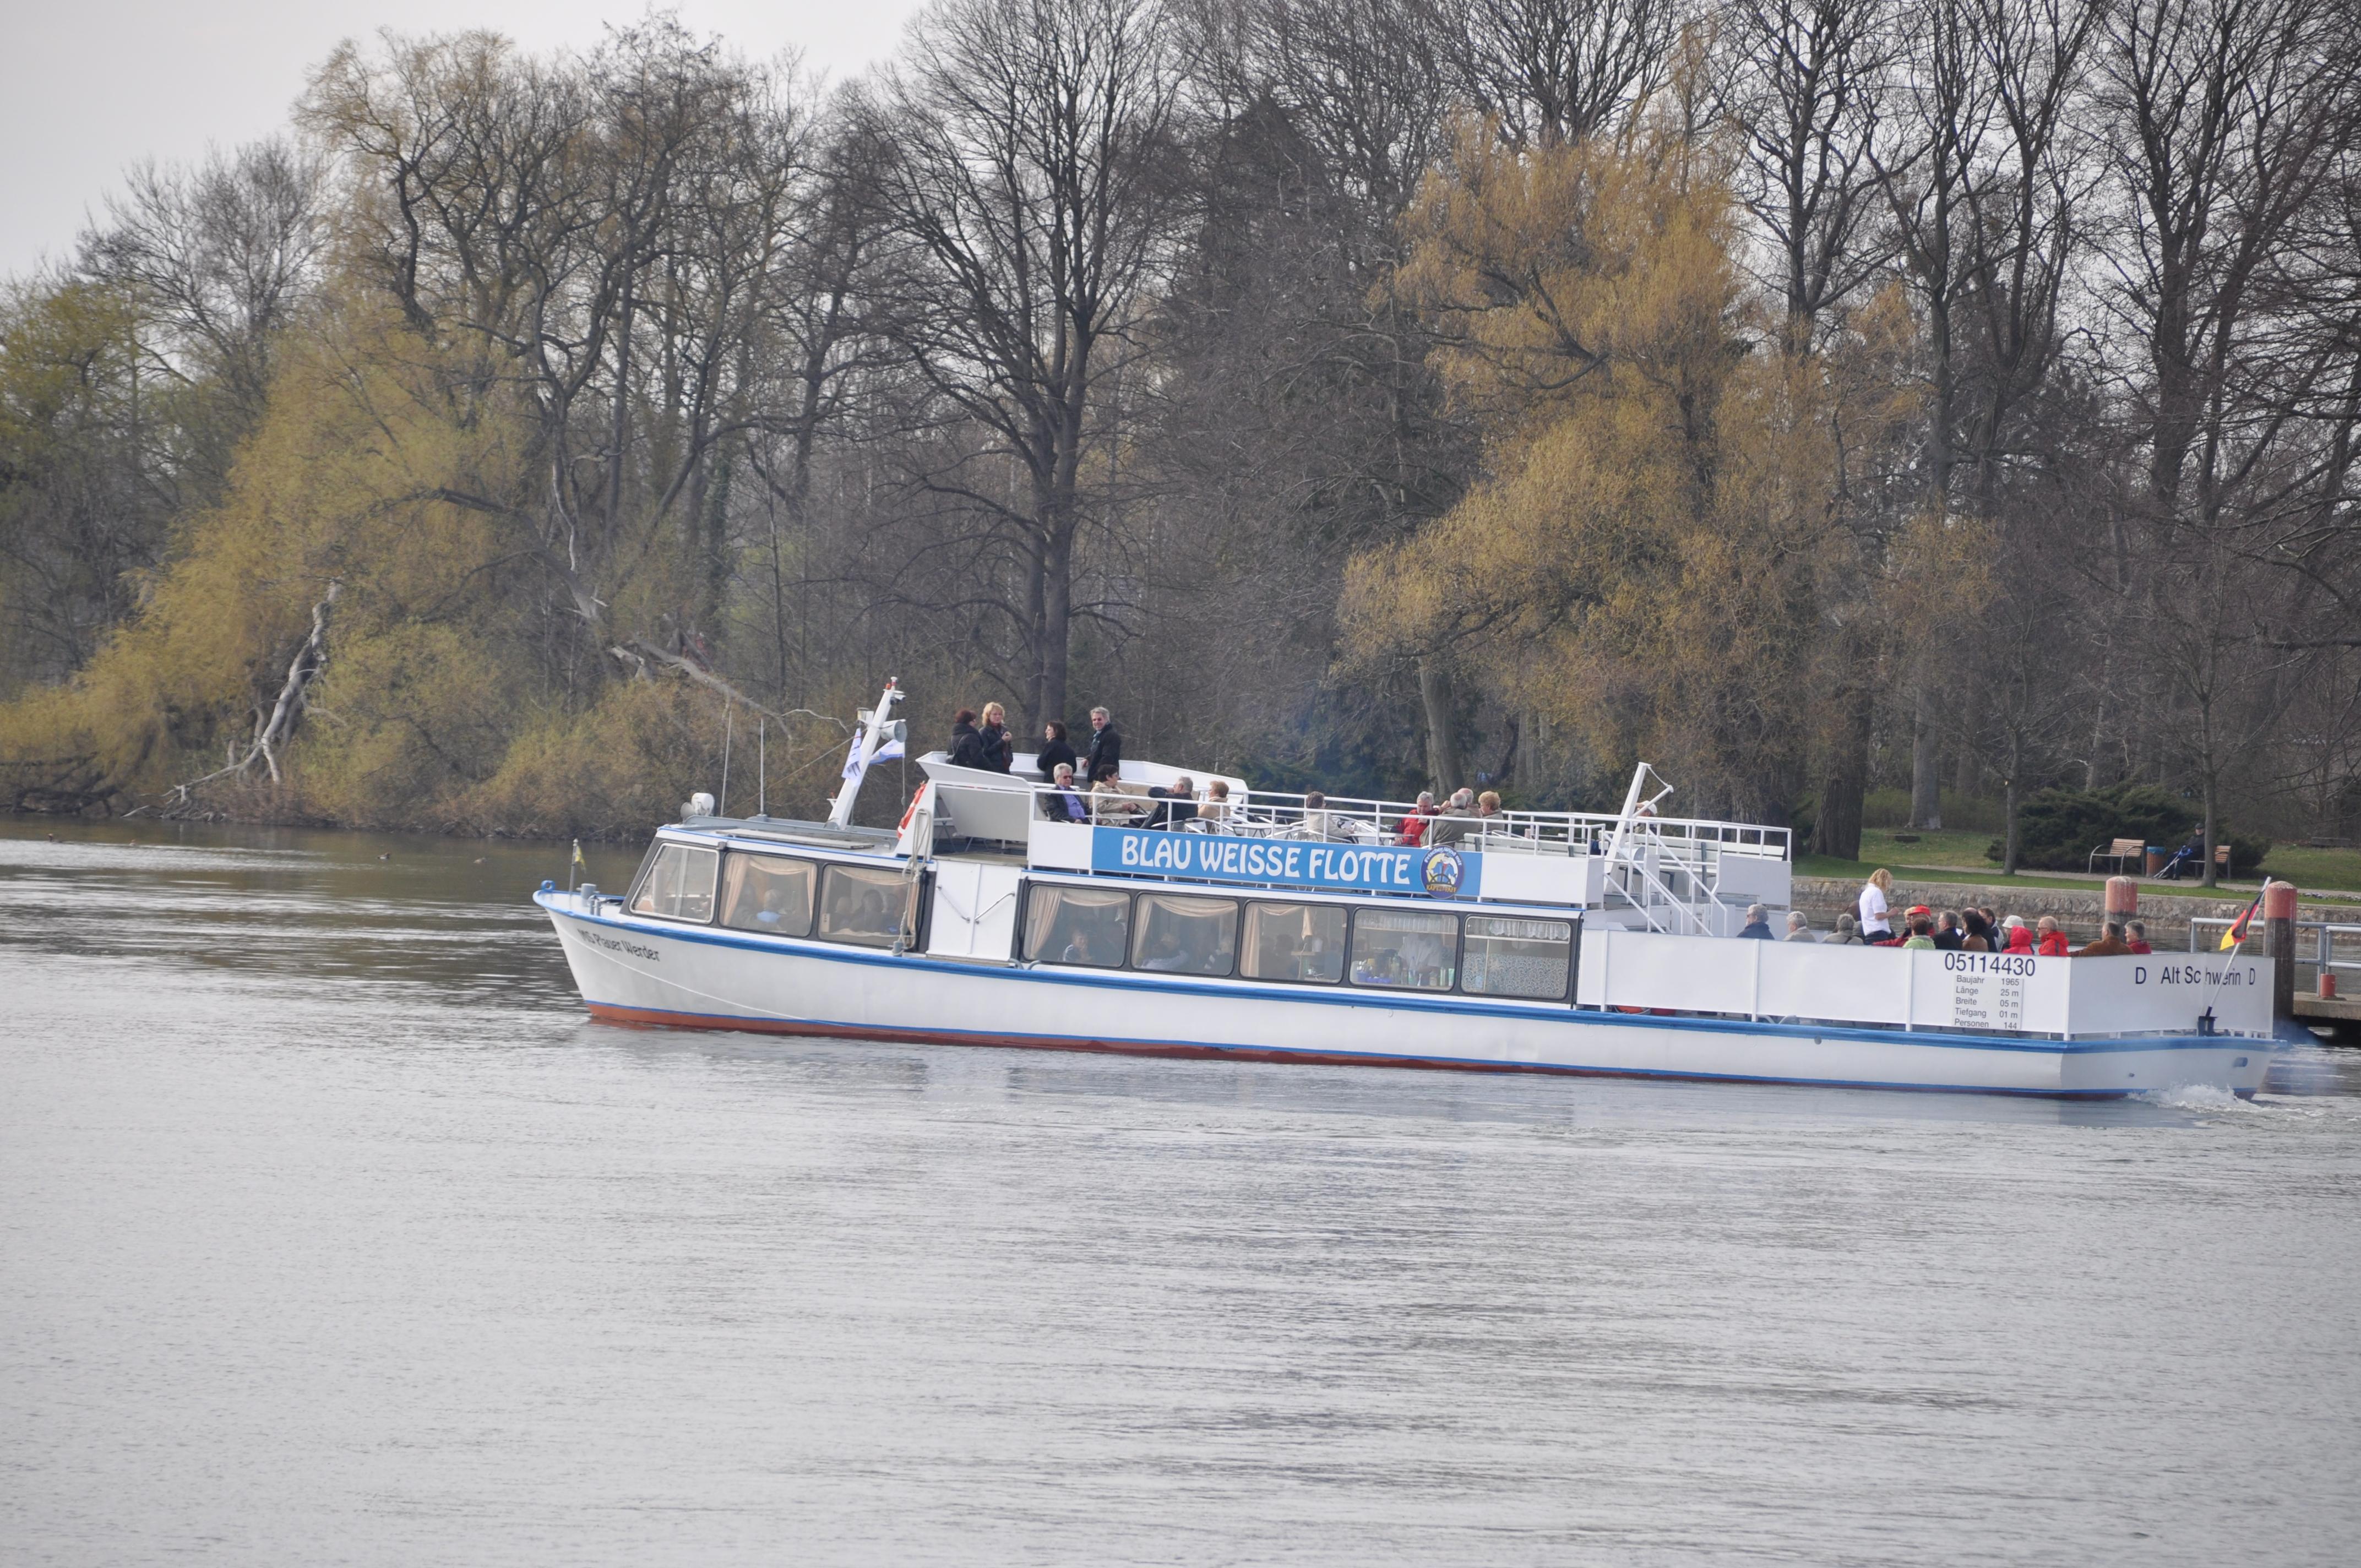 Peene Fahrt mit Brückendurchfahrt (Demminer Brücke) Richtung Loitz